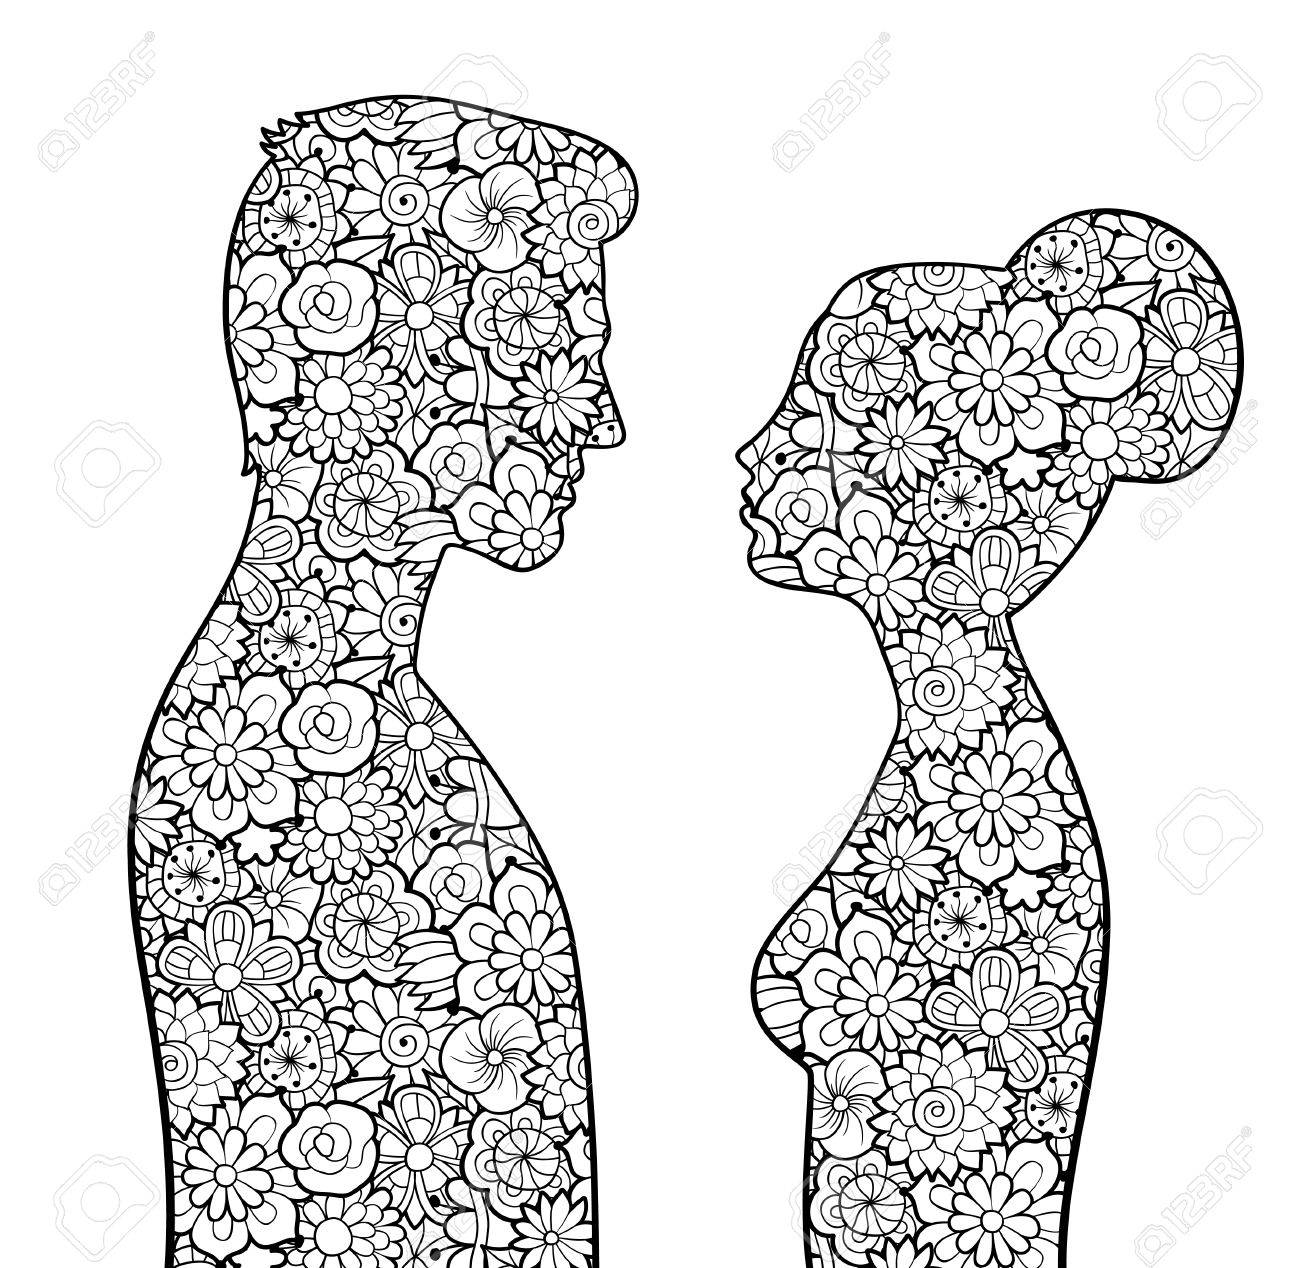 Männliche Und Weibliche Silhouetten Mit Blumen. Mann Und Frau ...